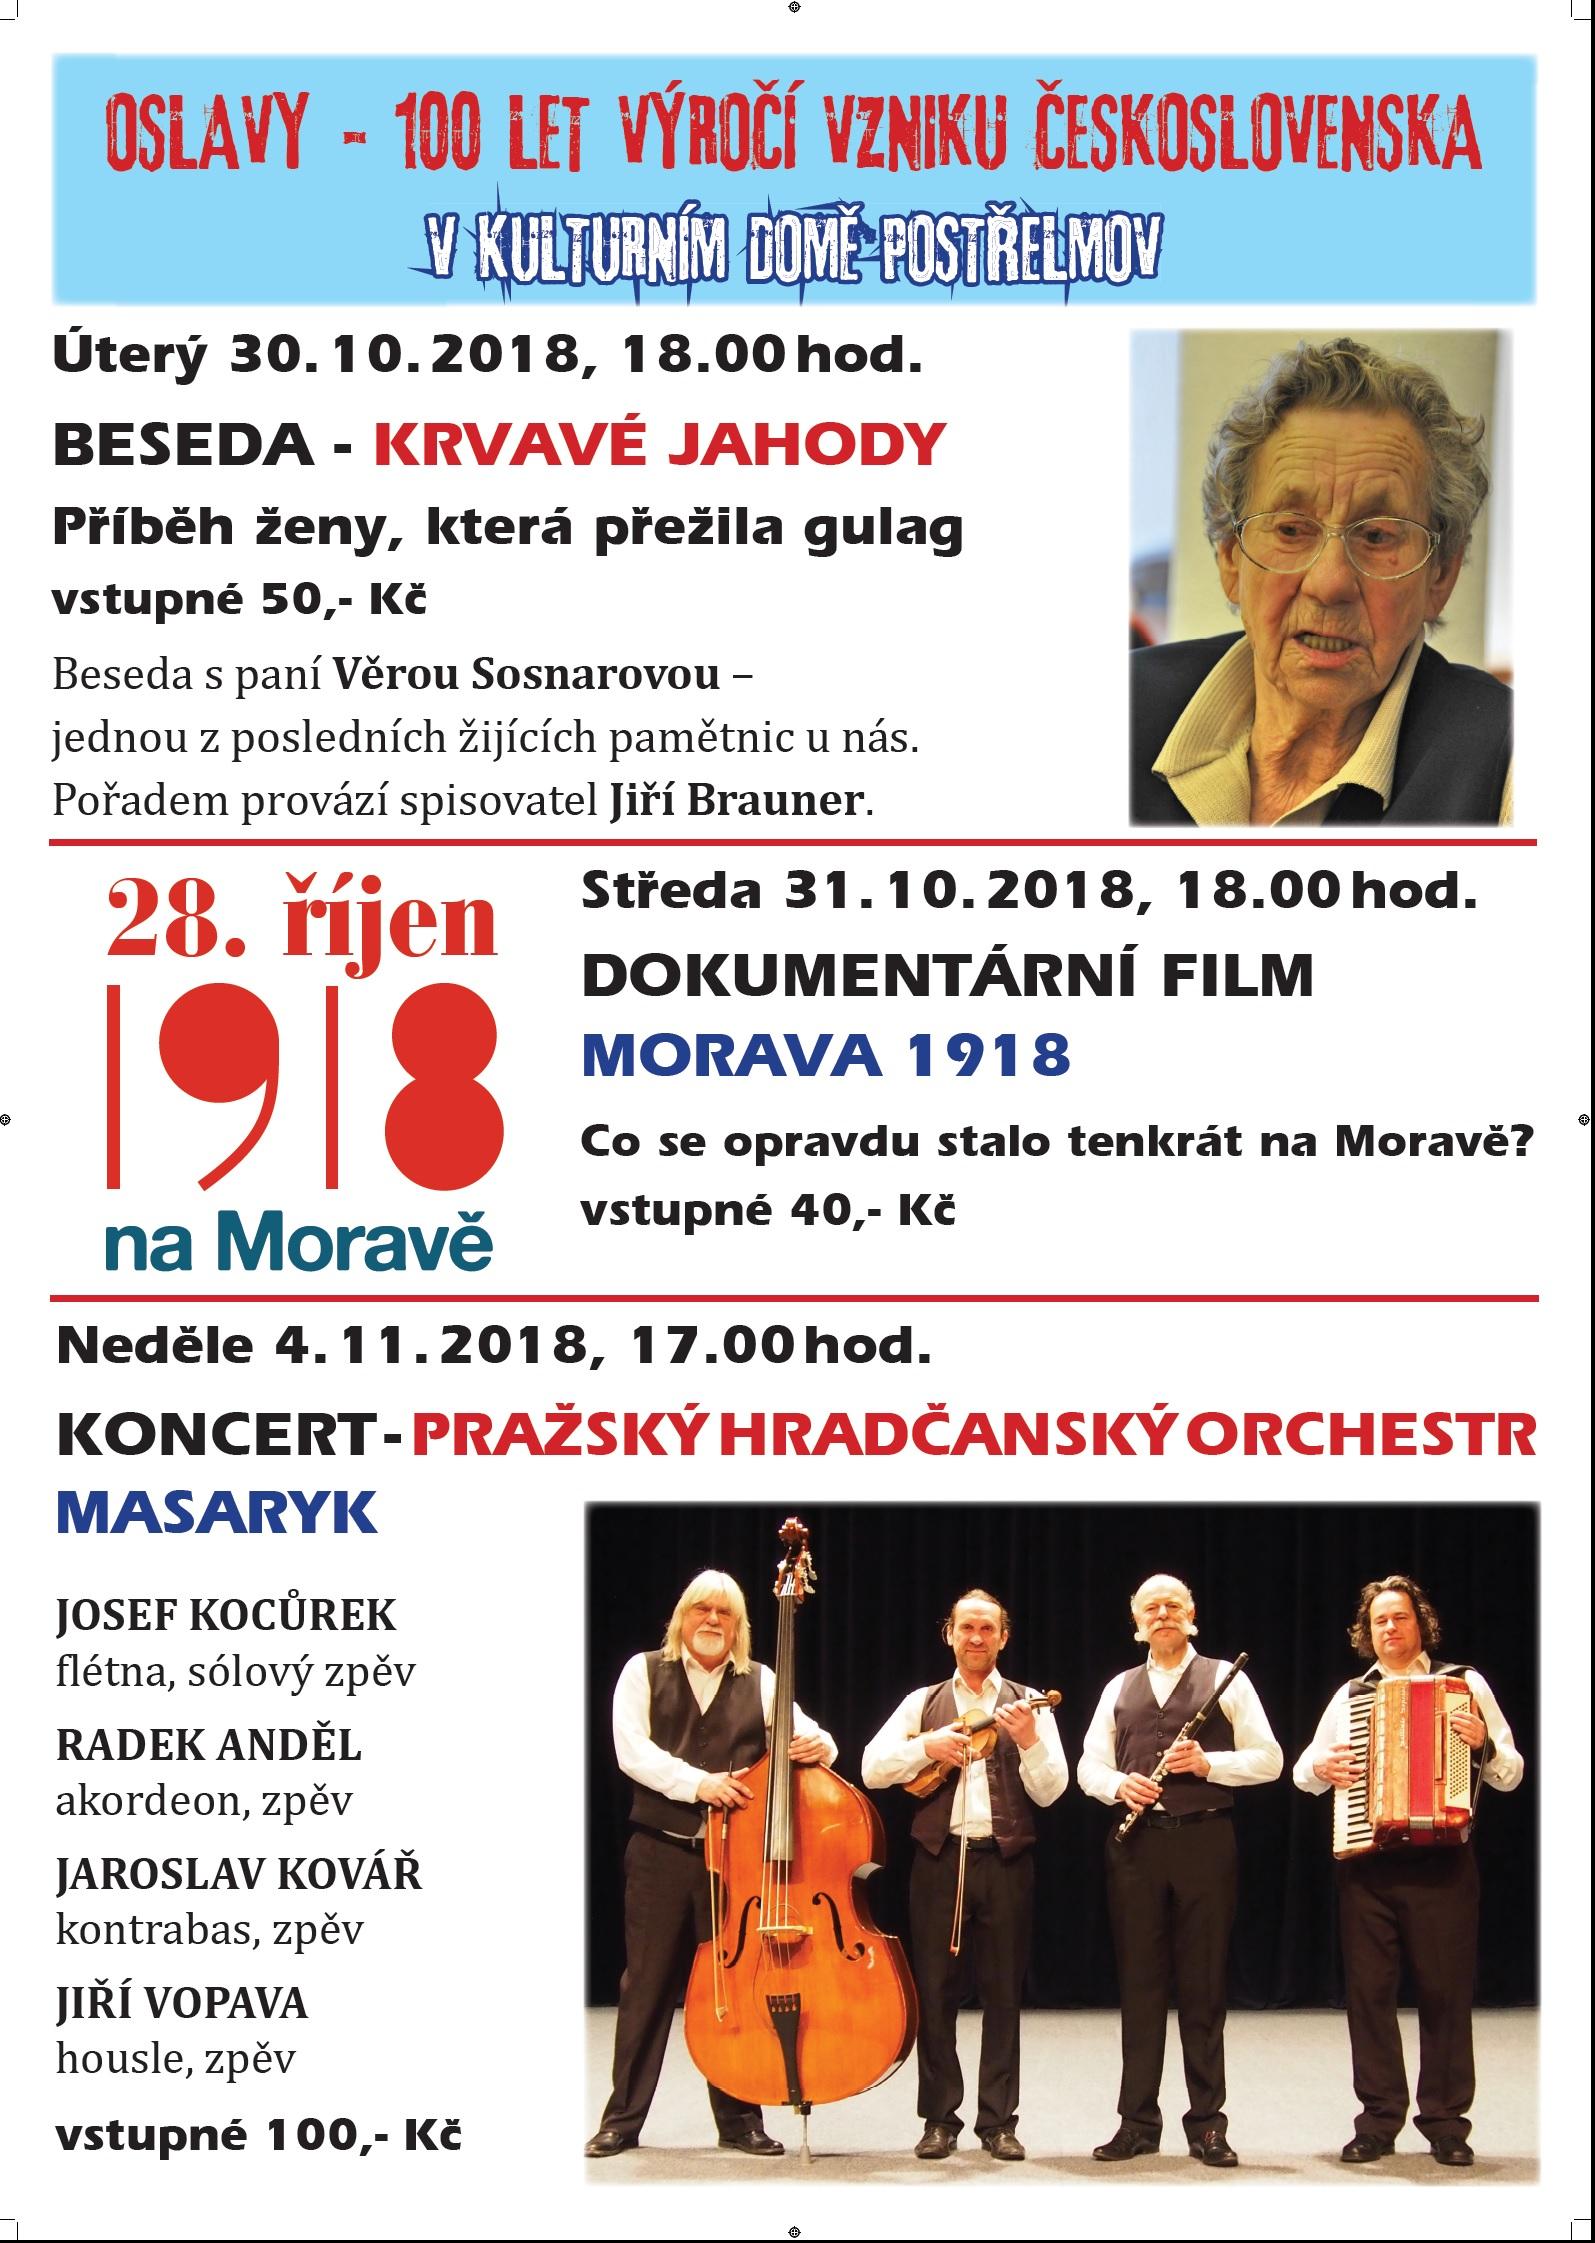 Koncert - Pražský